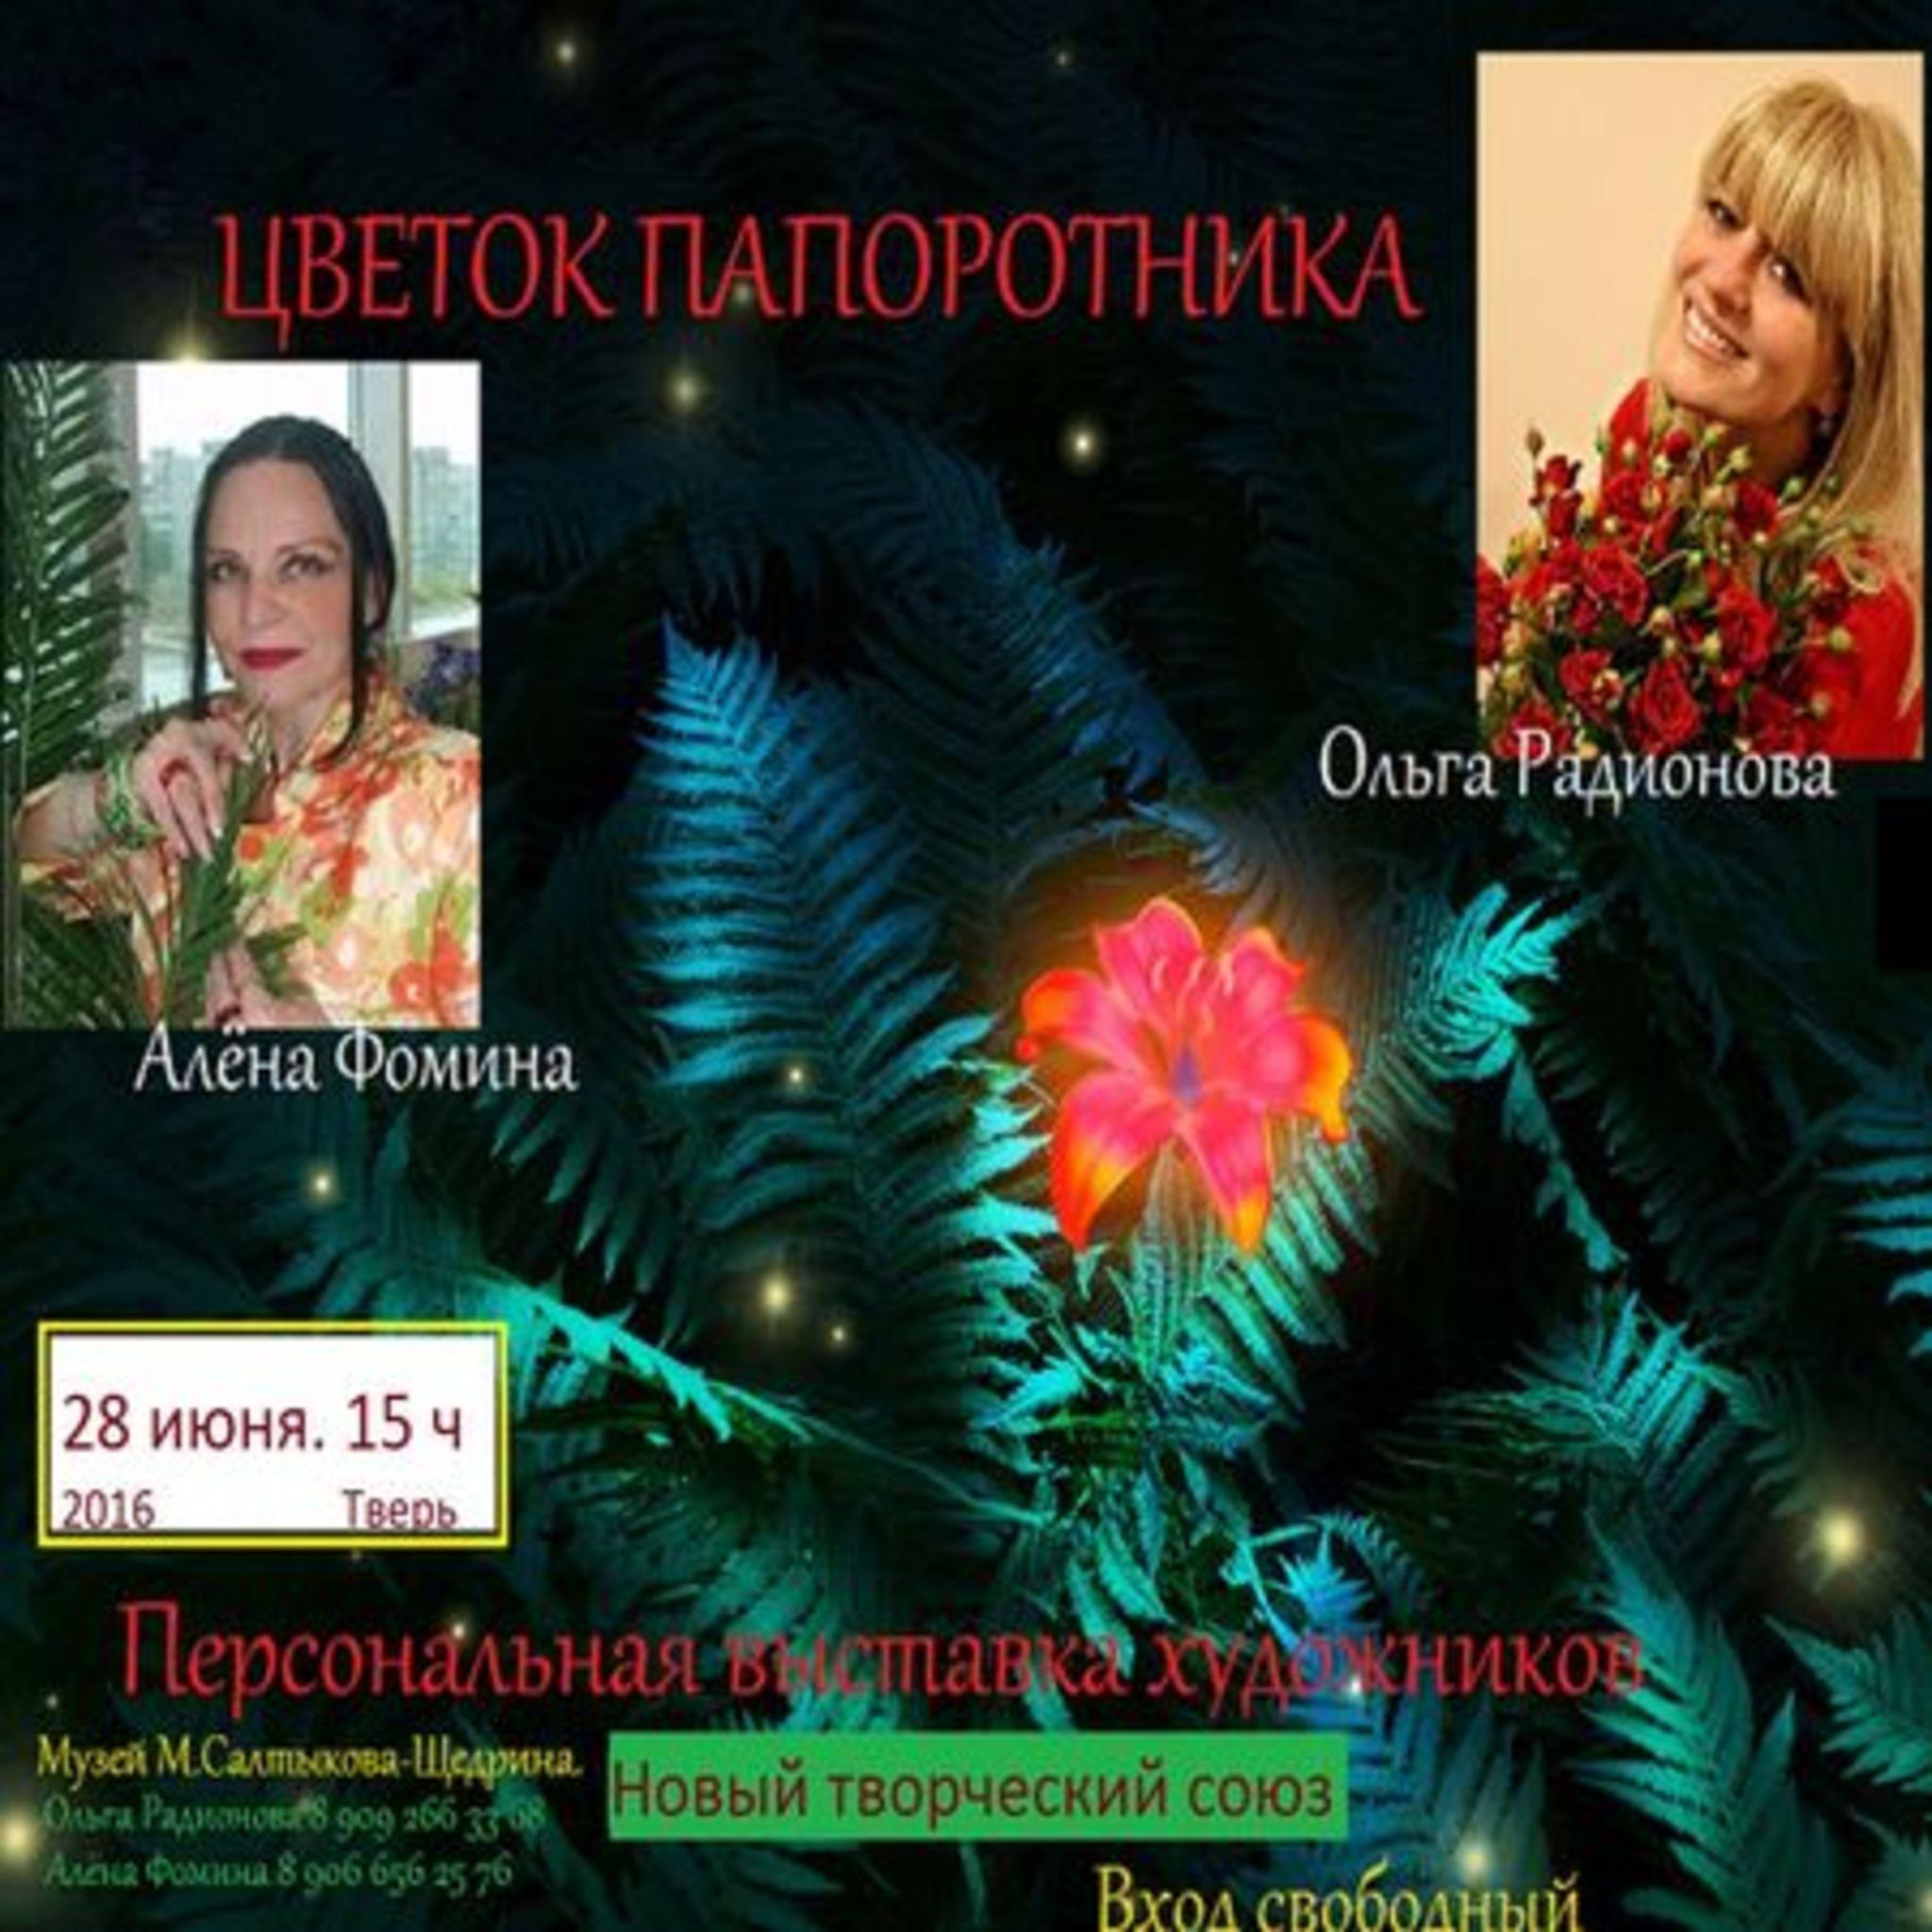 Художественная выставка «Цветок папоротника»